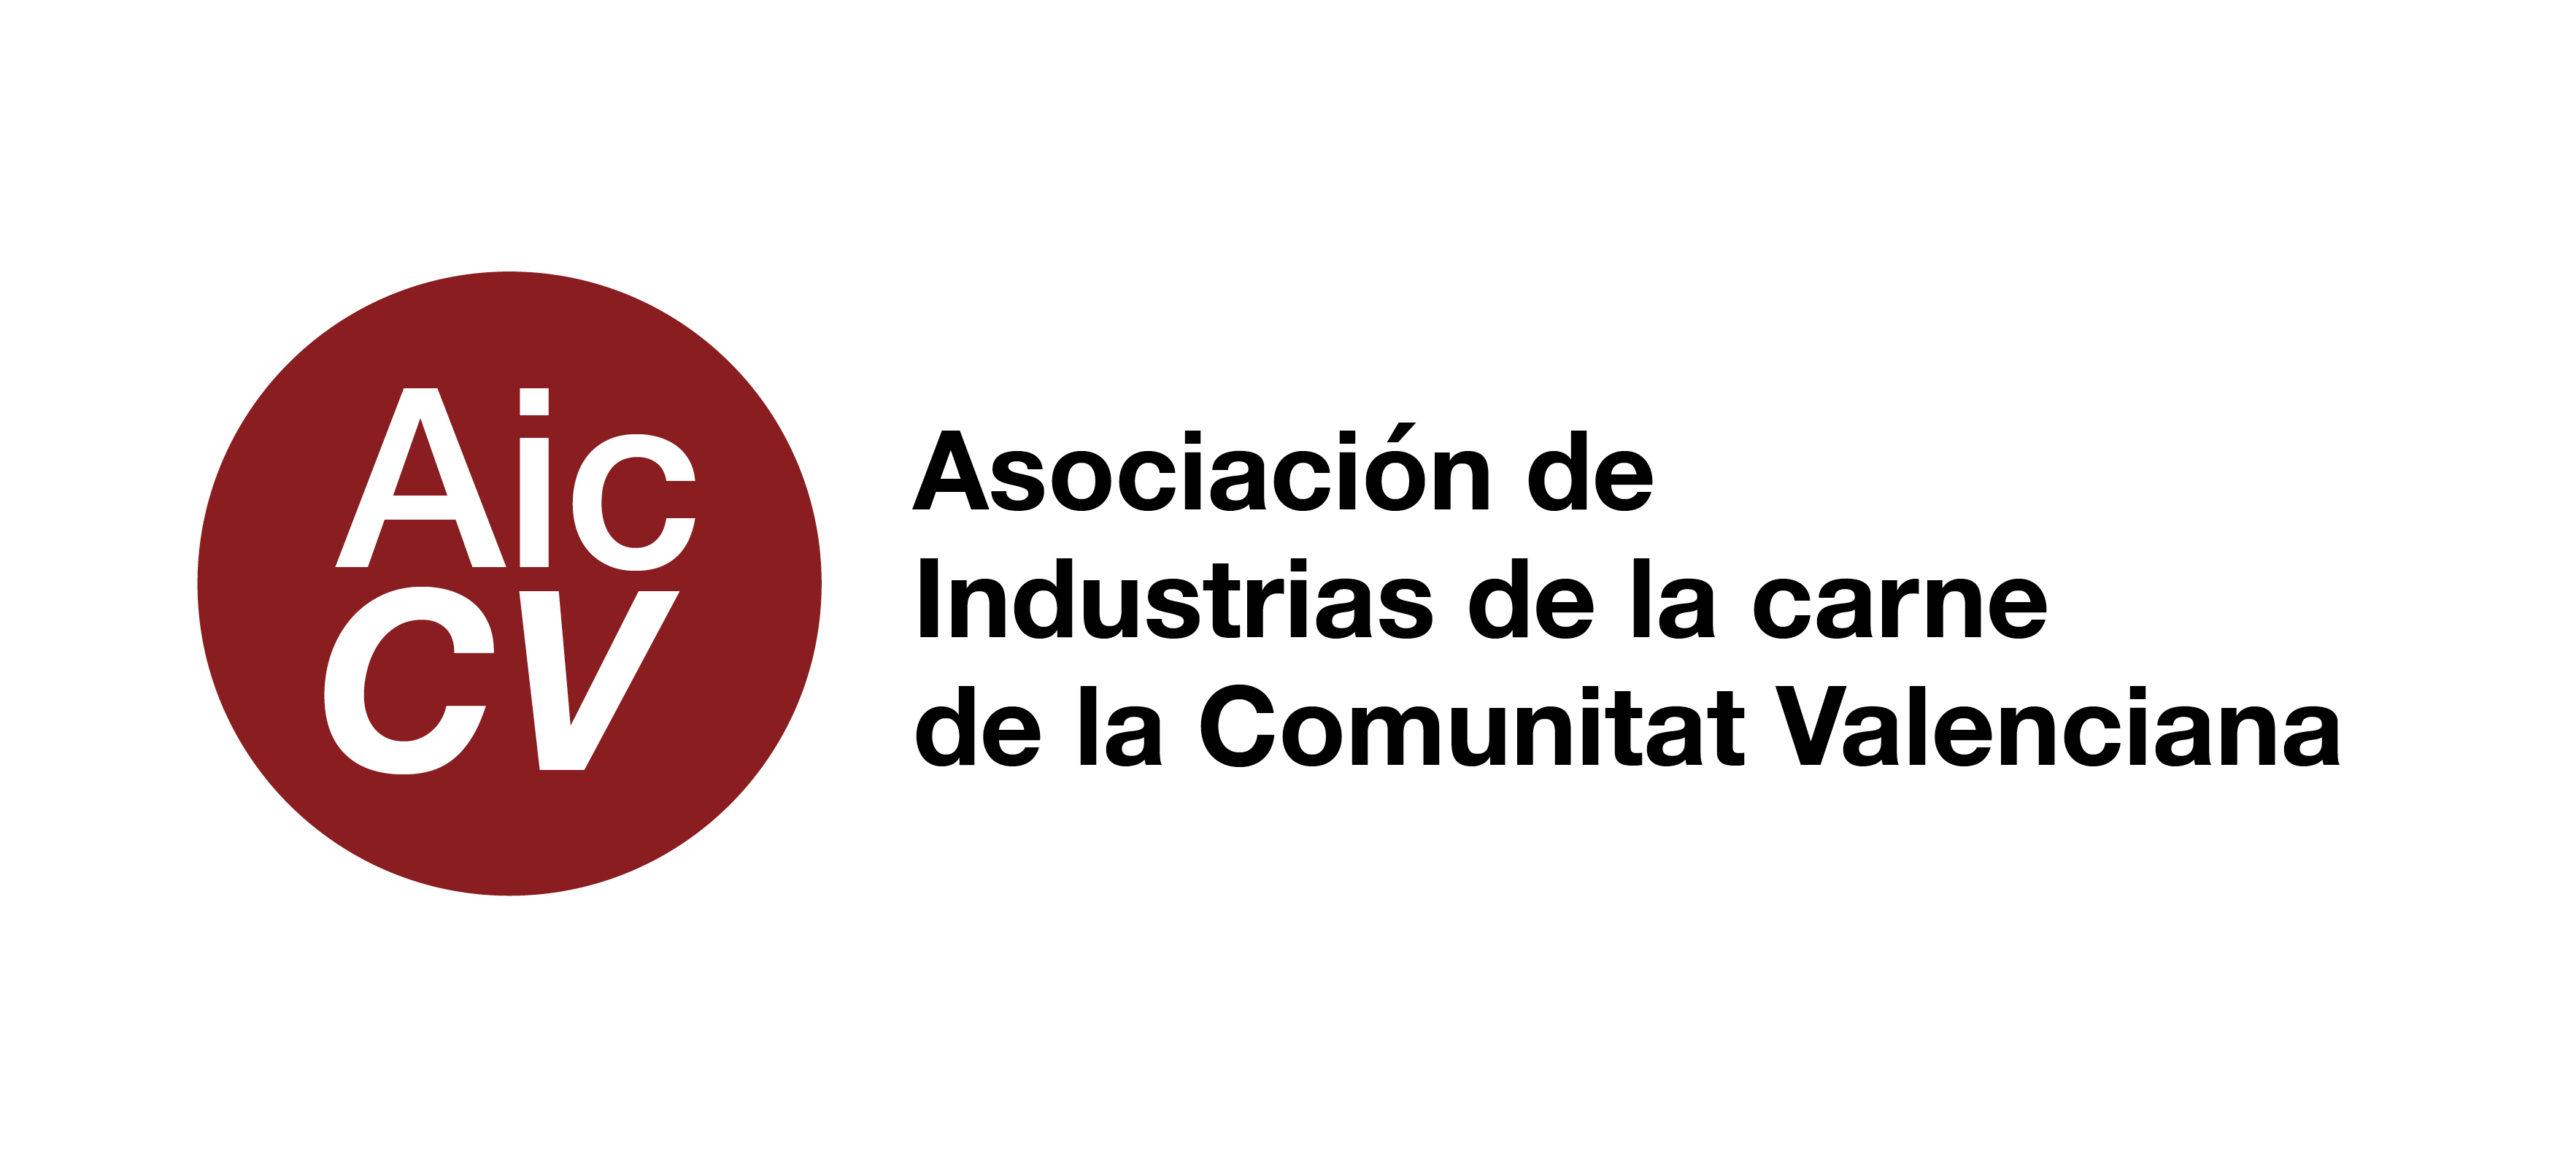 Logo AICCV con nombre de la Asociación